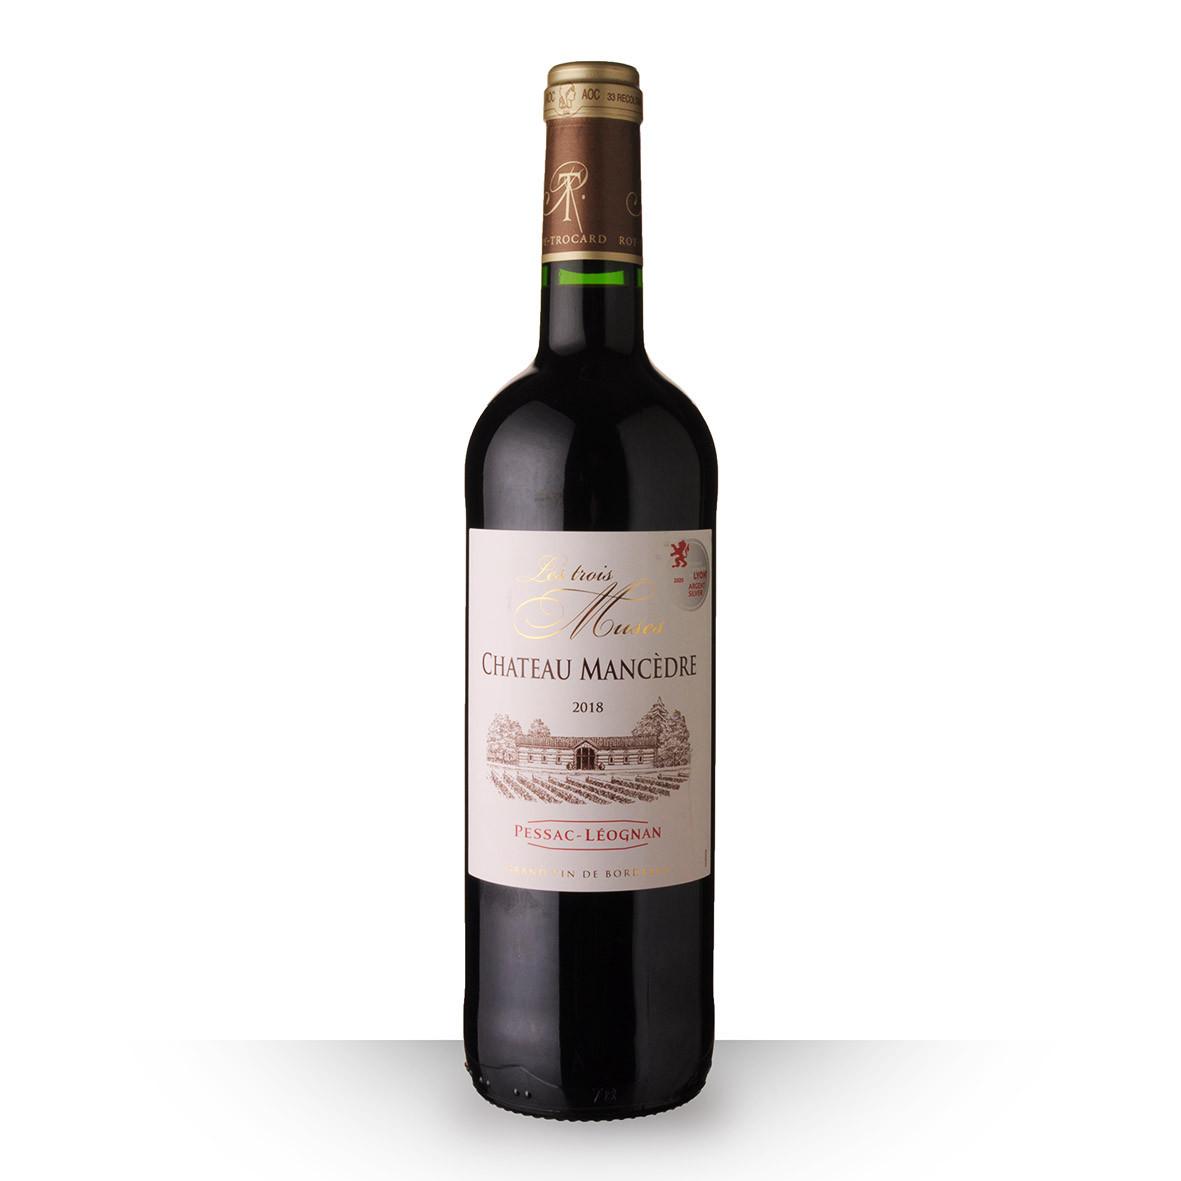 Château Mancèdre les Trois Muses Pessac-Léognan Rouge 2018 75cl www.odyssee-vins.com